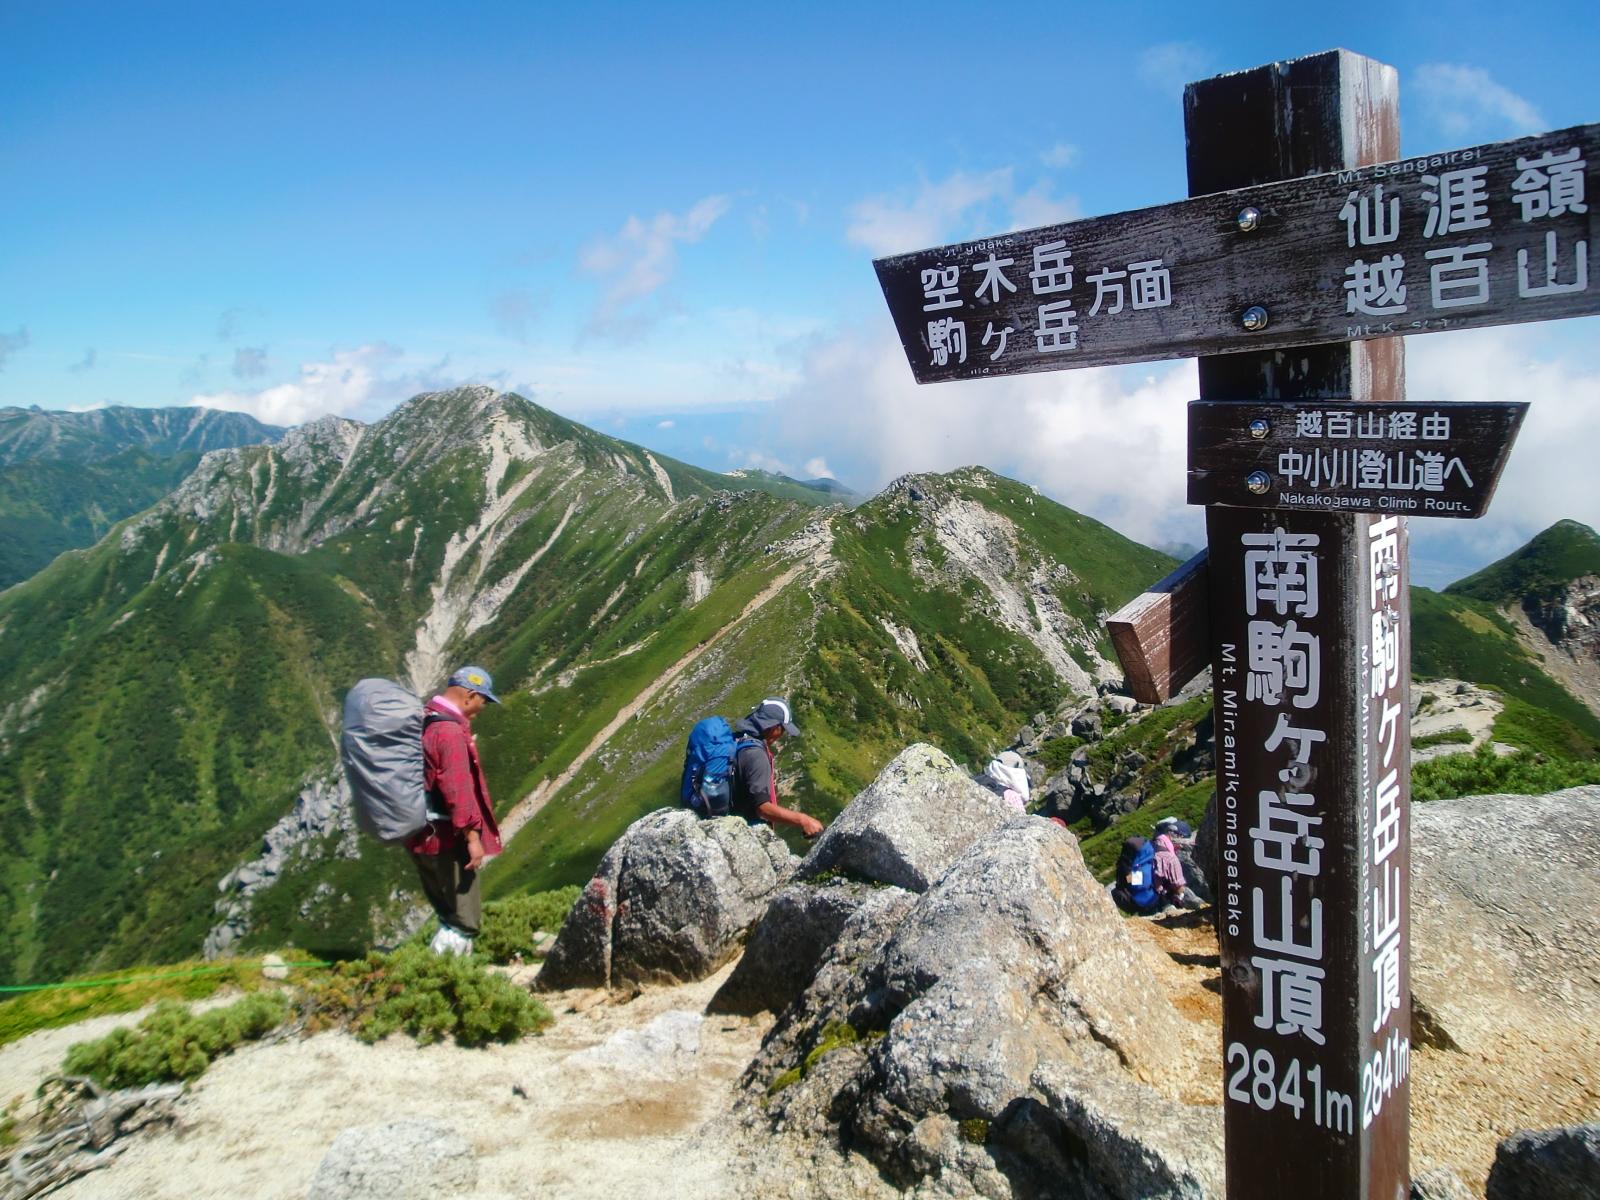 南駒ケ岳(2,841m)山頂